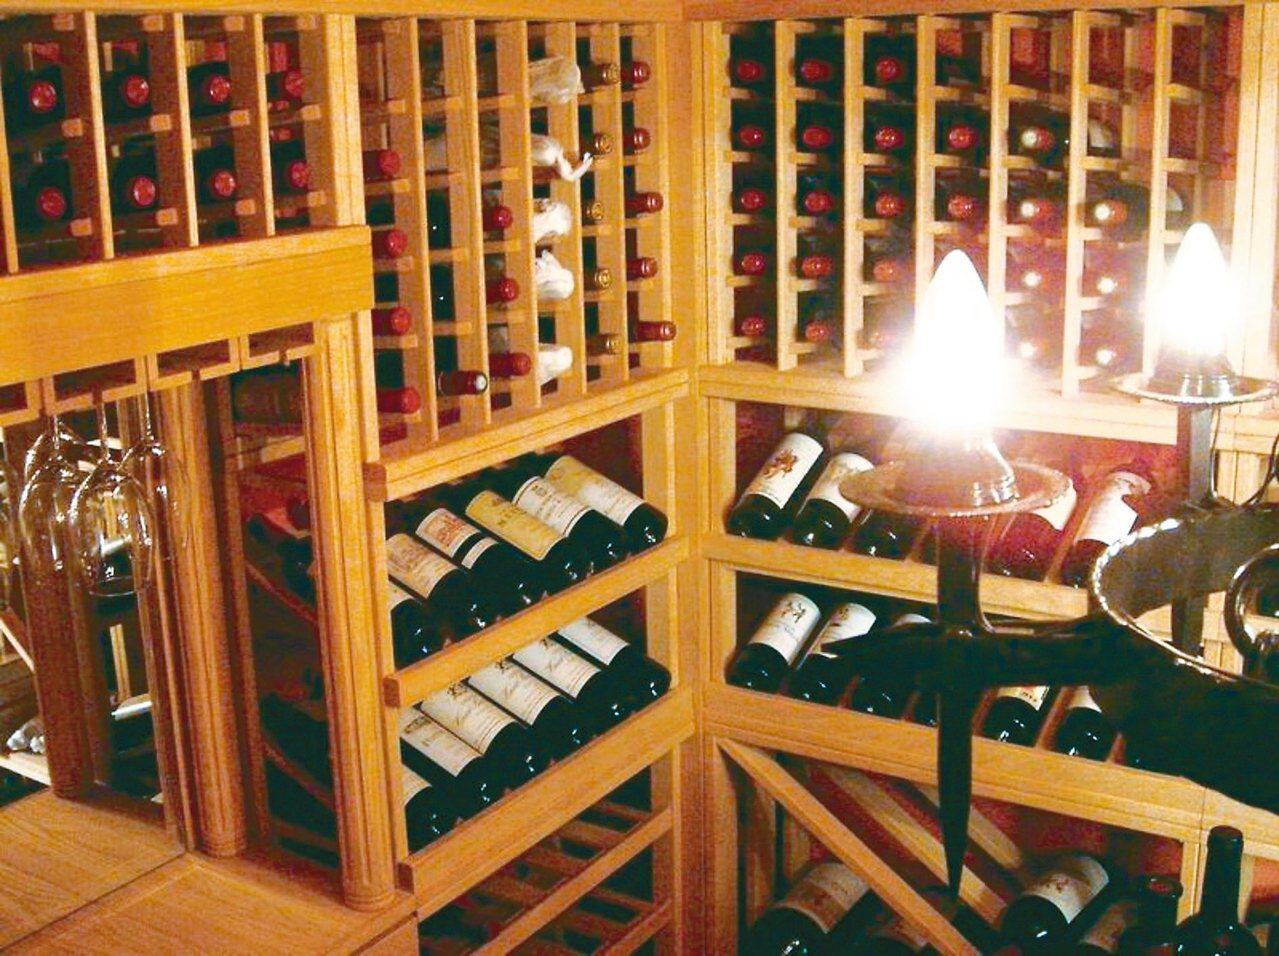 橡木桶的酒窖。 圖/橡木桶提供